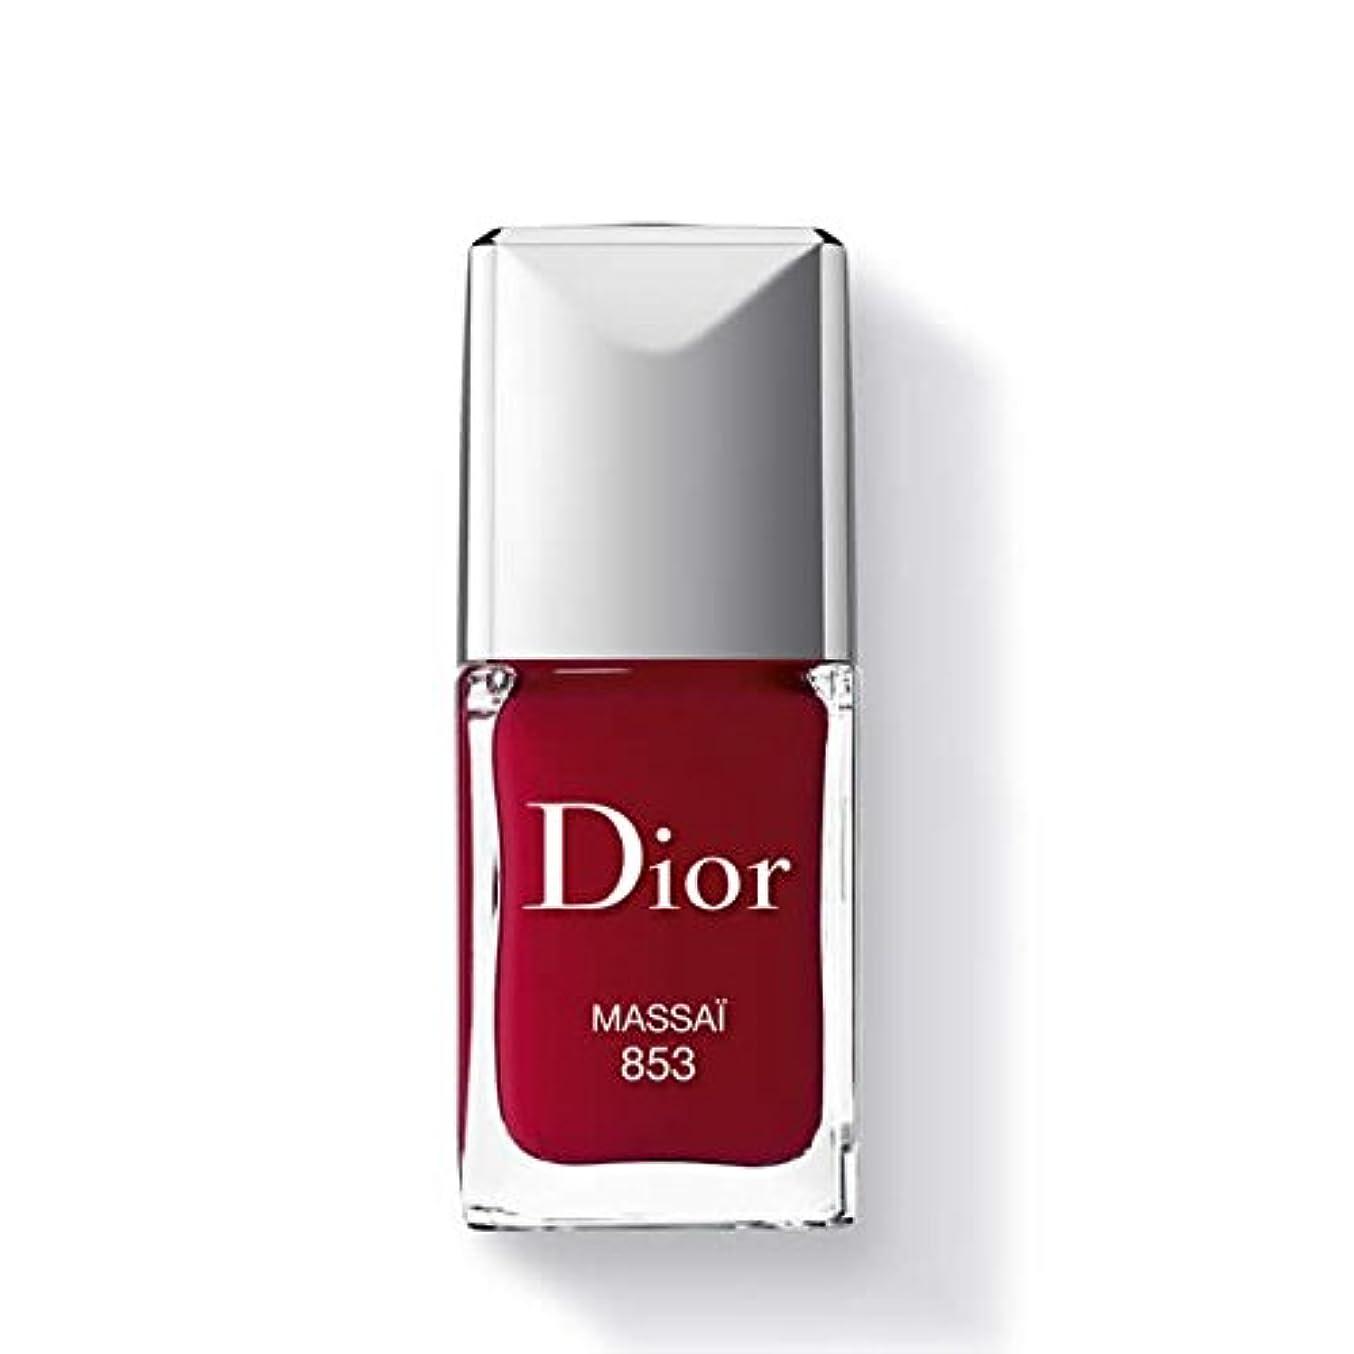 現金長椅子恐怖症Dior ディオールヴェルニ #853 マサイ 10ml [207997] [並行輸入品]